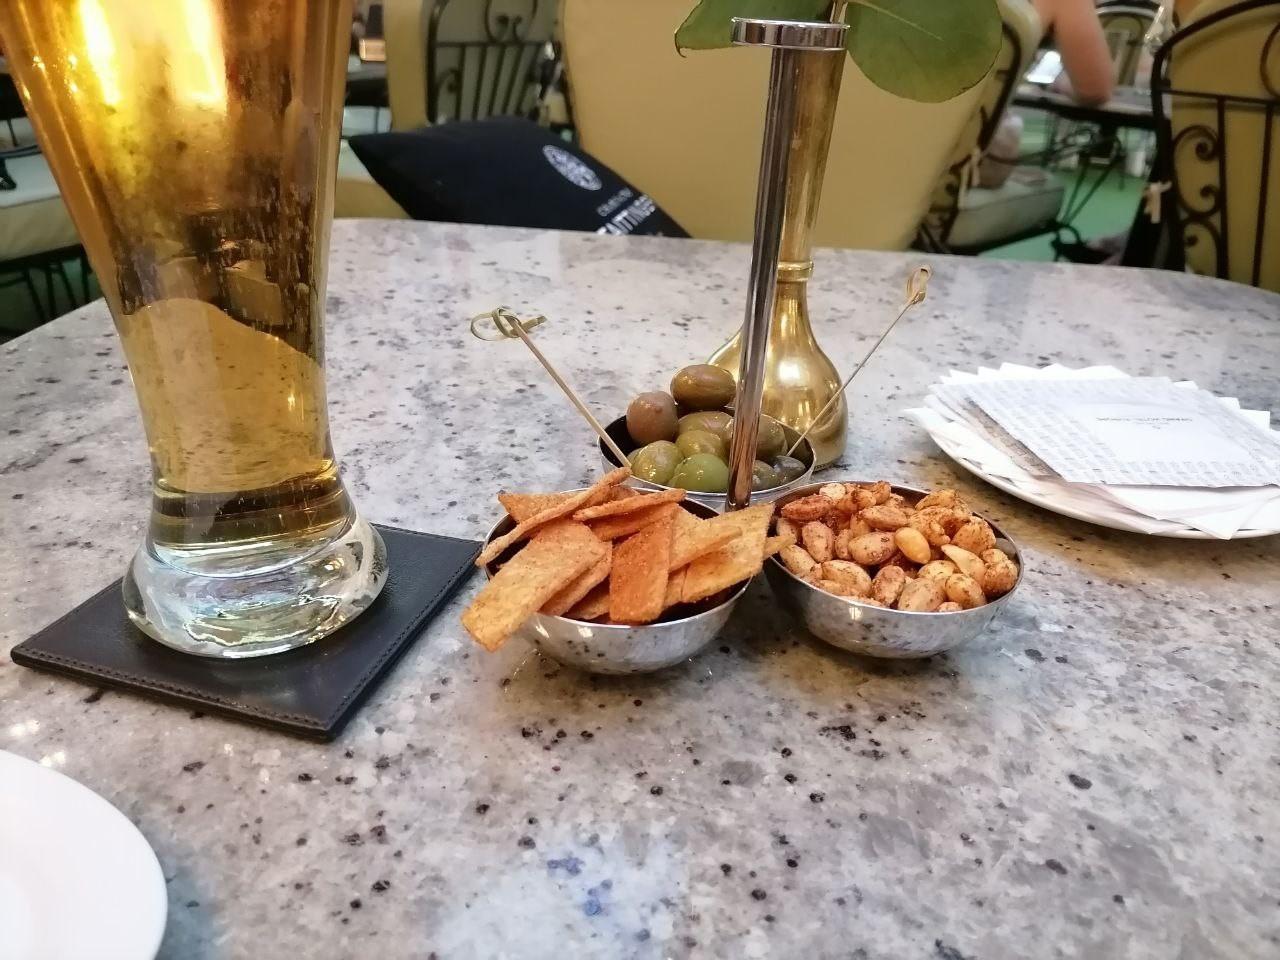 Дешманские блюда за бешеные бабки: кафе «Мезонин» обманывает посетителей 4